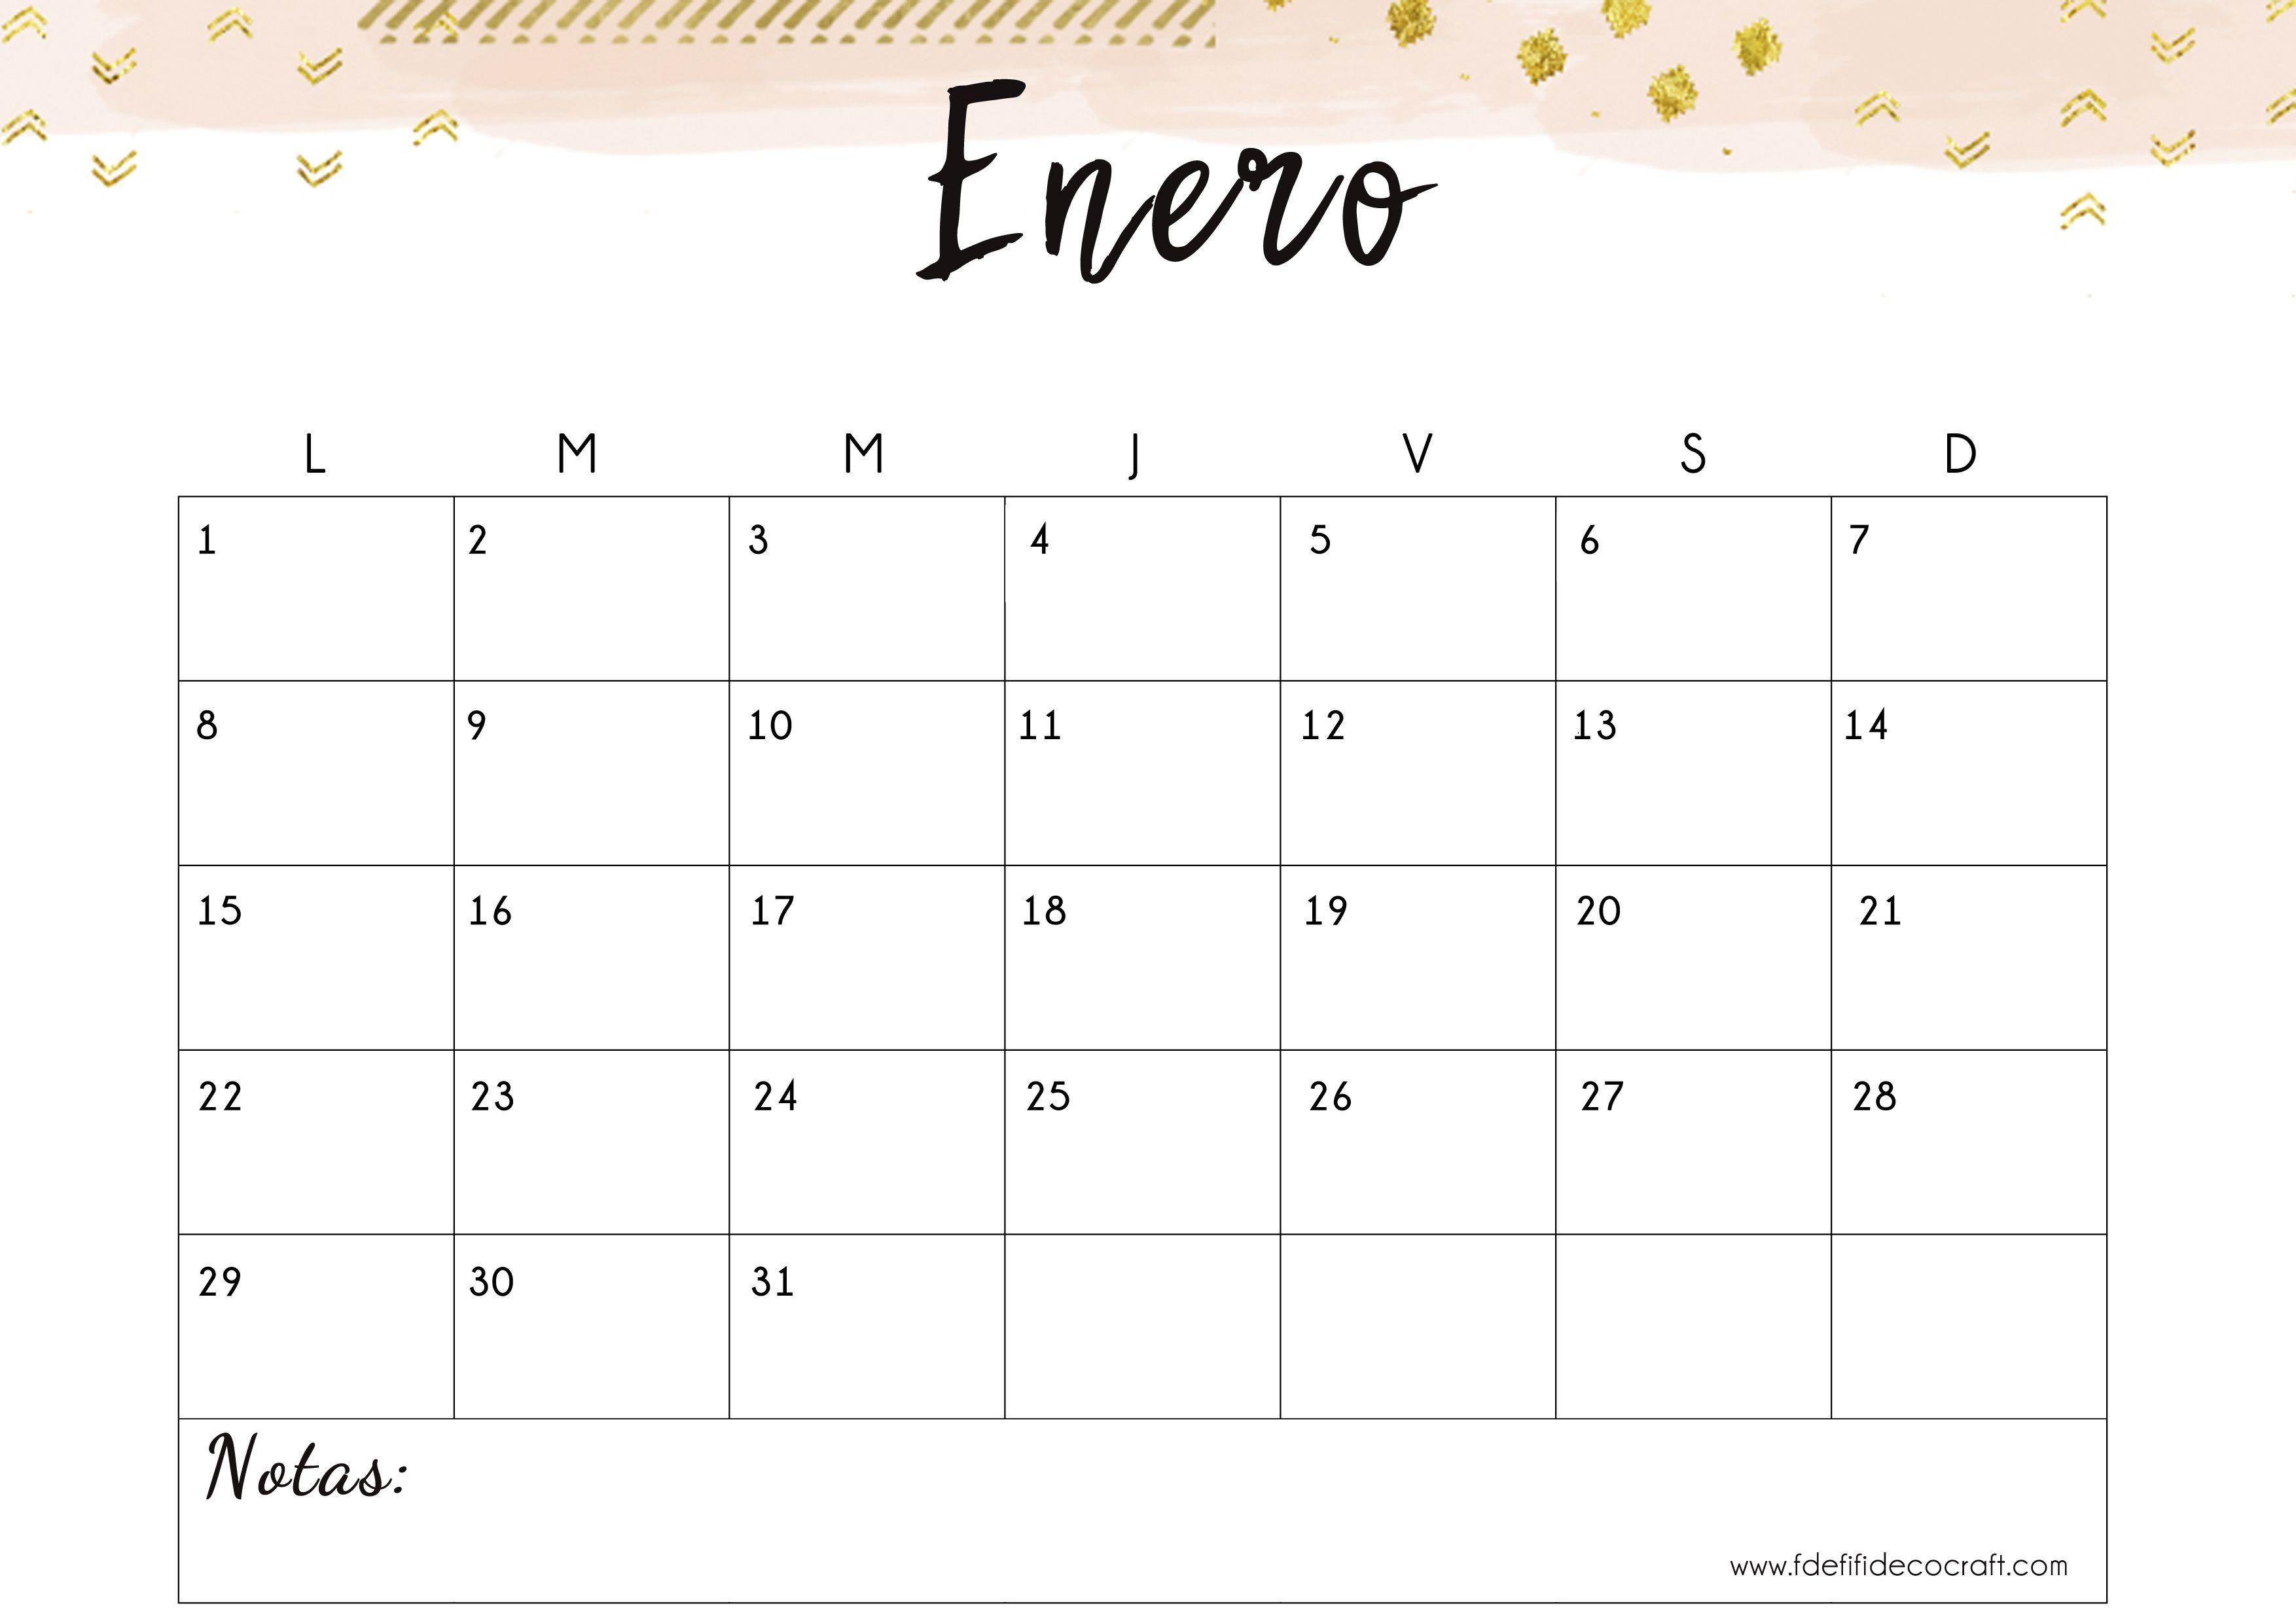 Calendario Para Imprimir 2019 Minimalista Más Caliente sorpresa Tu Calendario Descargable Gratuito Para 2018 Of Calendario Para Imprimir 2019 Minimalista Más Recientemente Liberado Calendário 2019 Personalizado Para Imprimir Calendario 2019